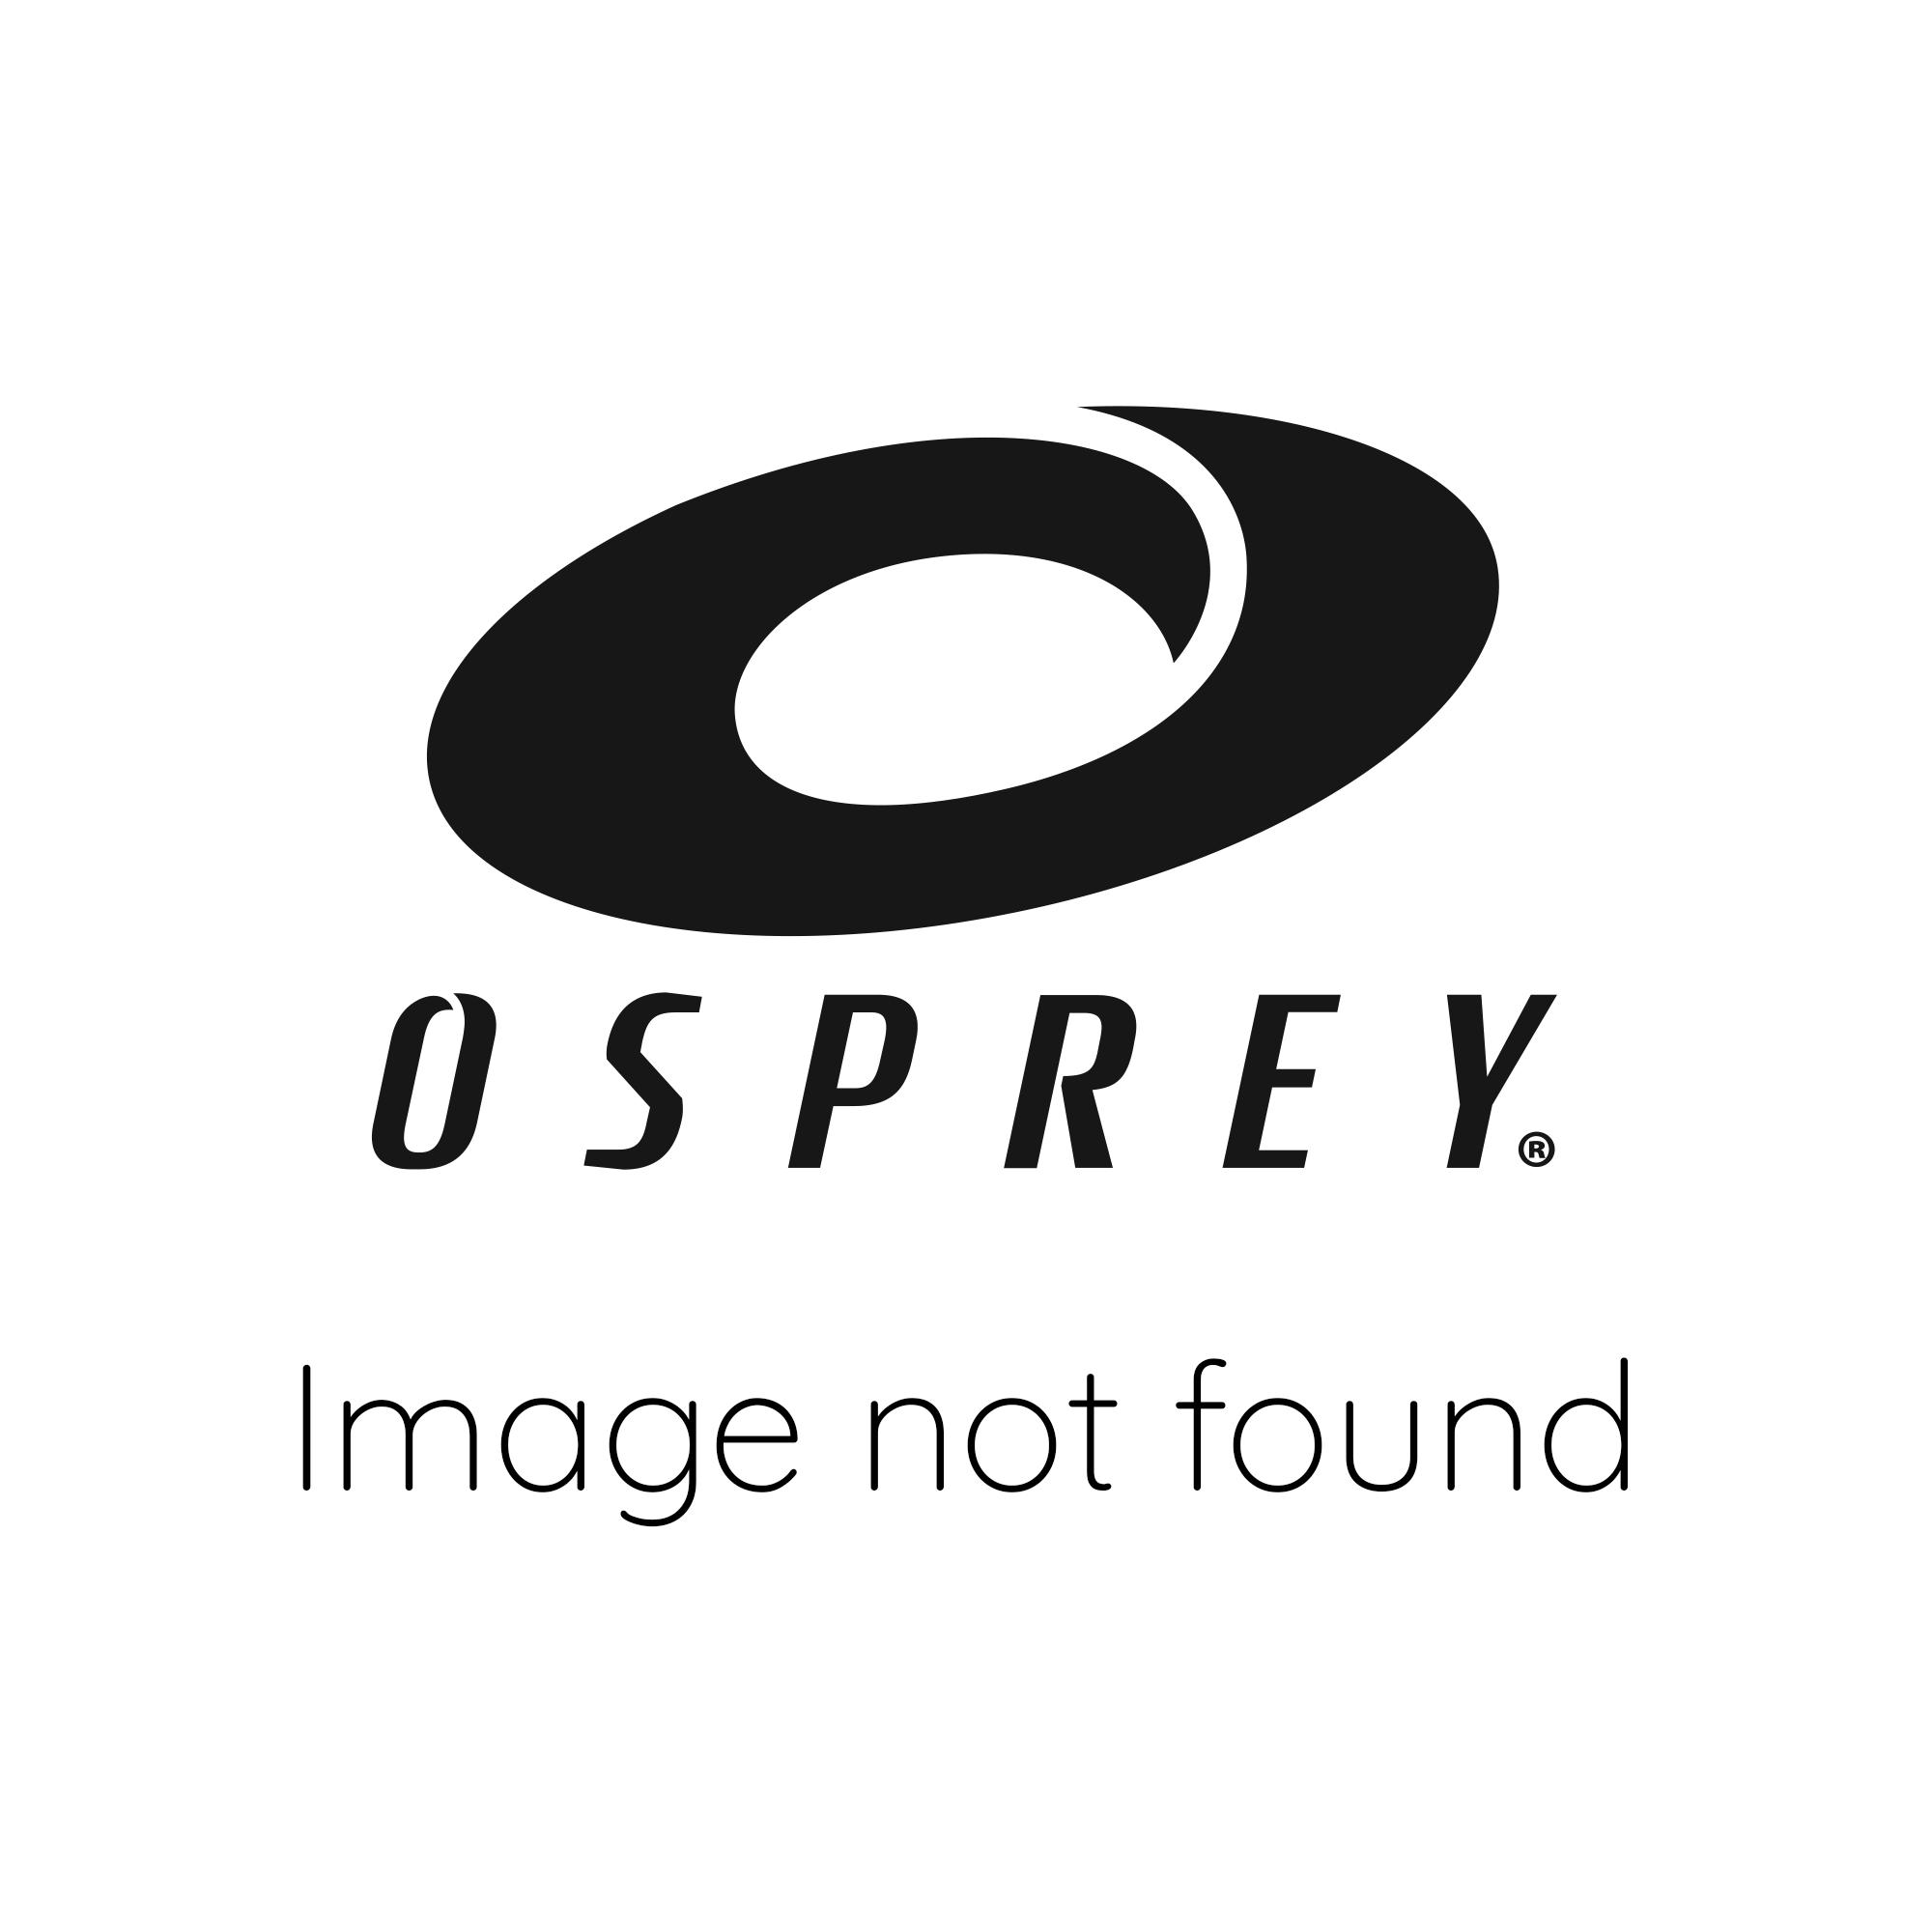 Osprey Womens 3mm Omnitron Full Length Wetsuit - Black